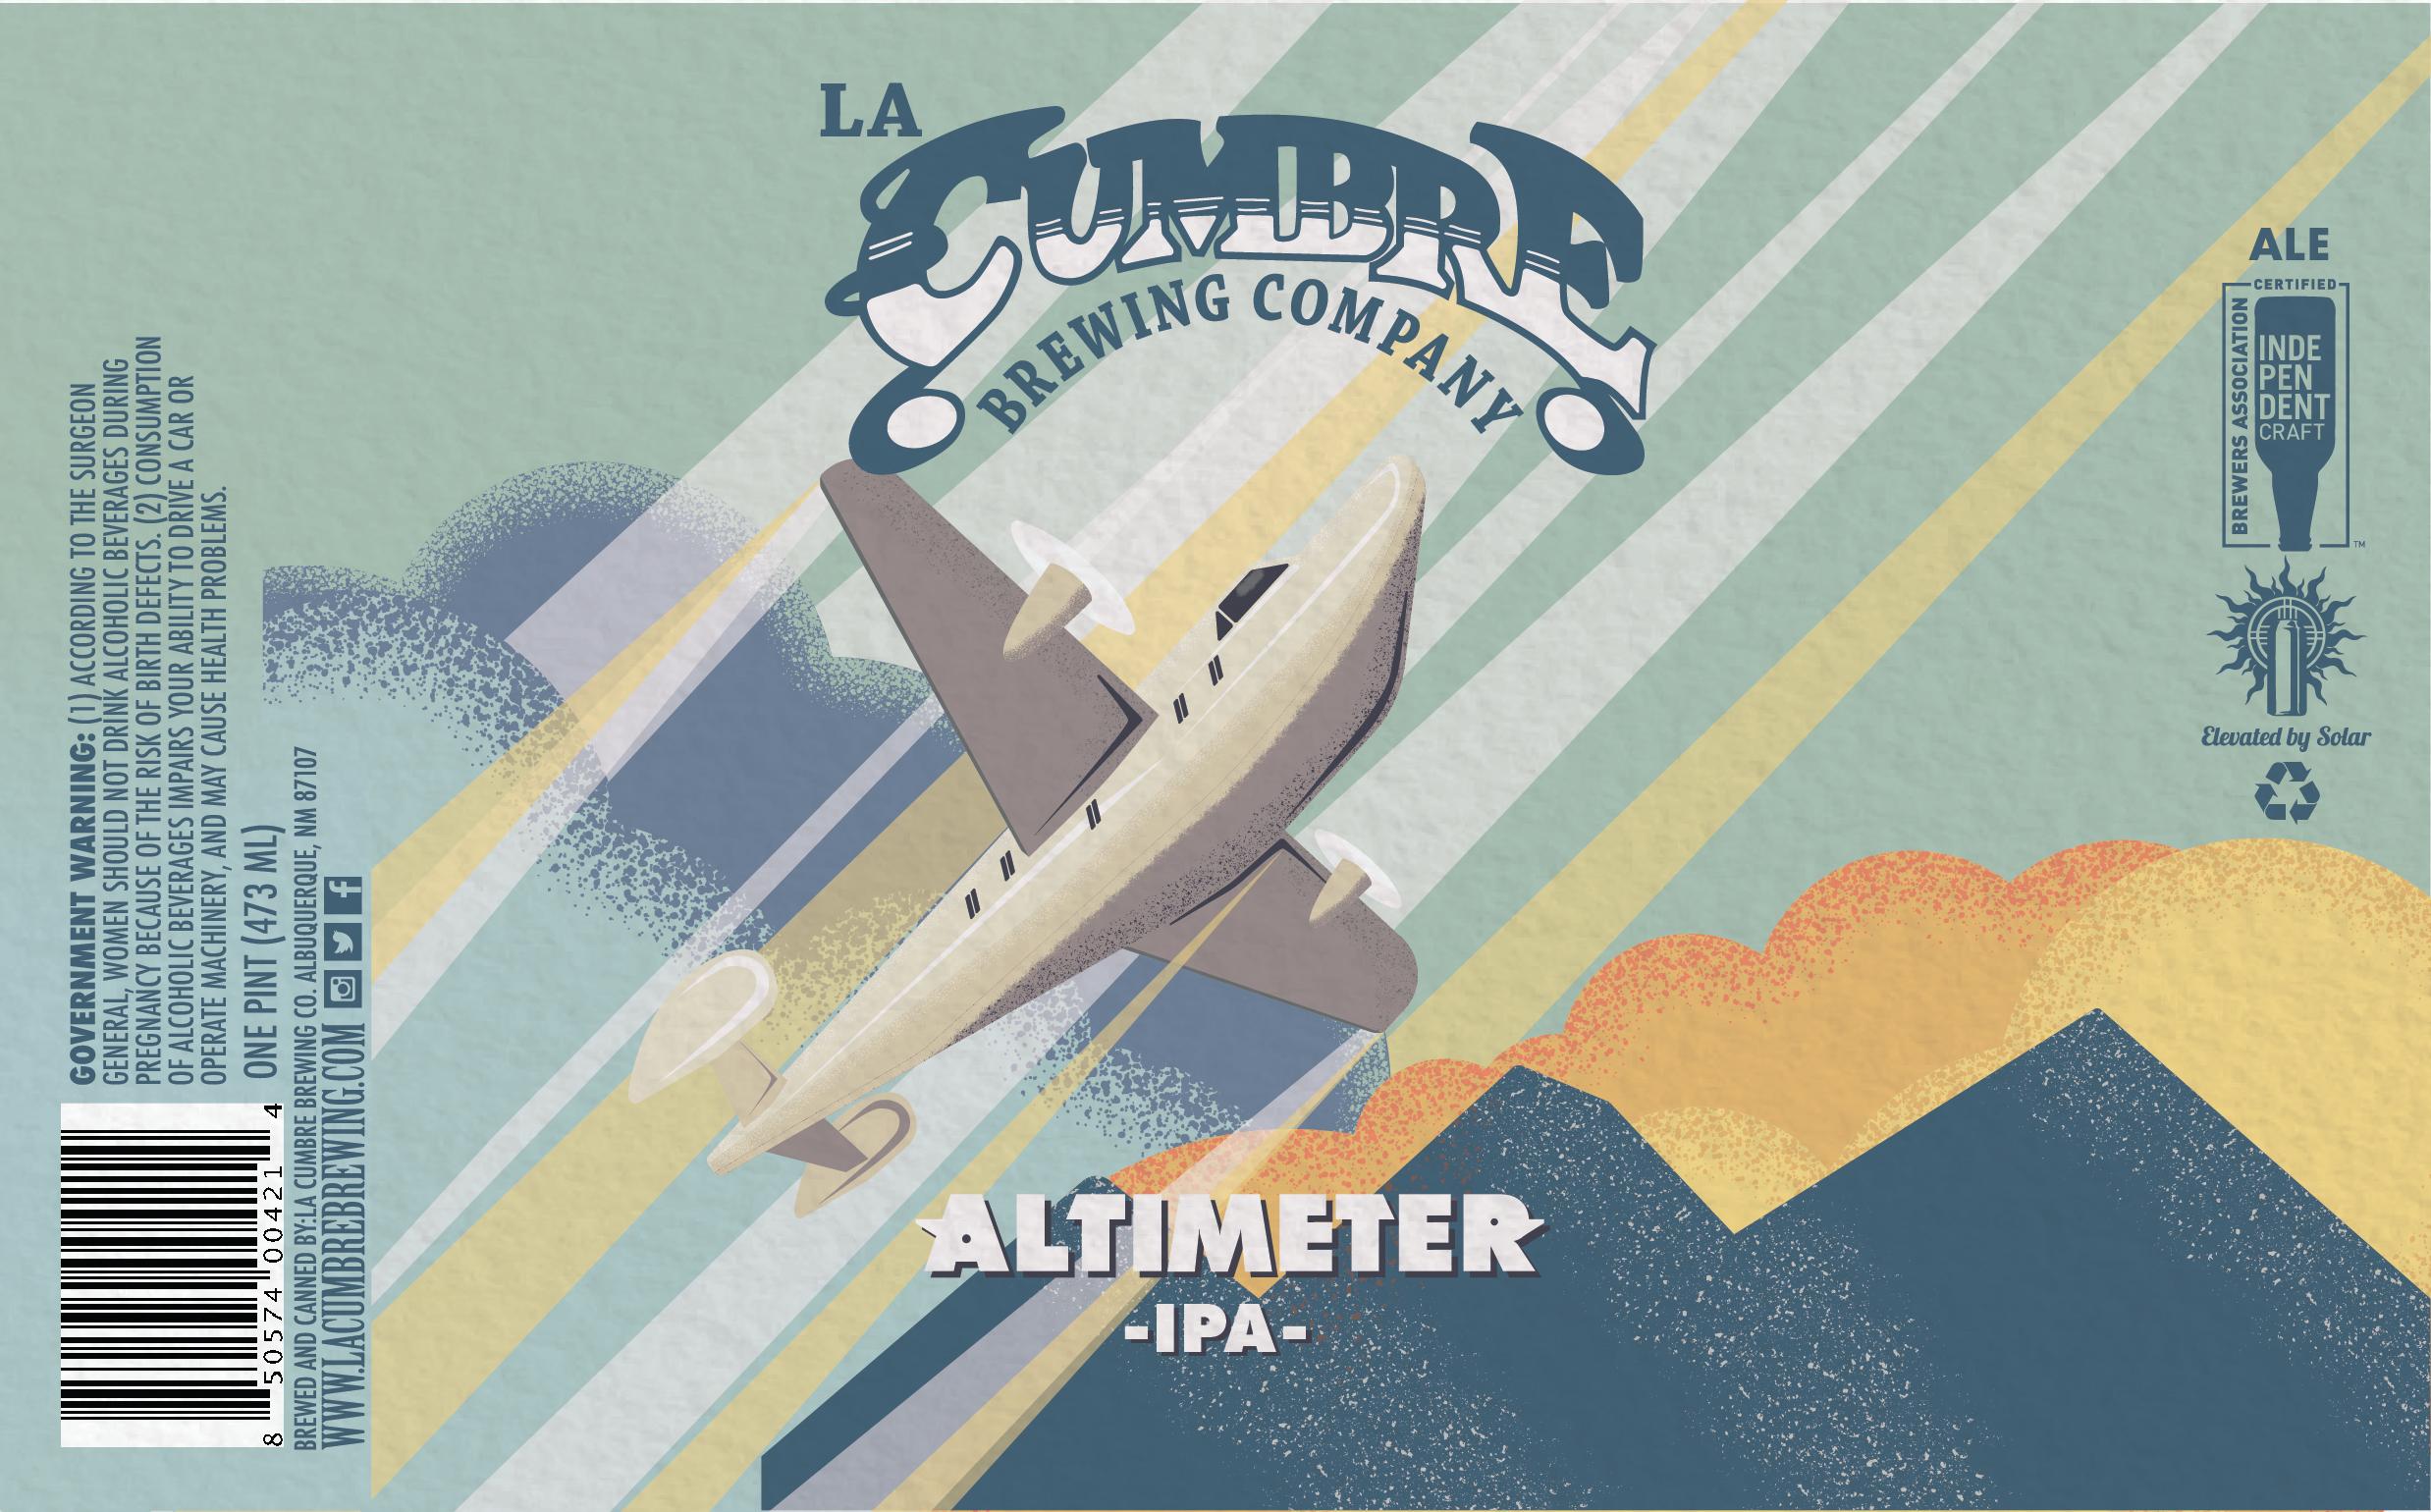 Altimeter Label